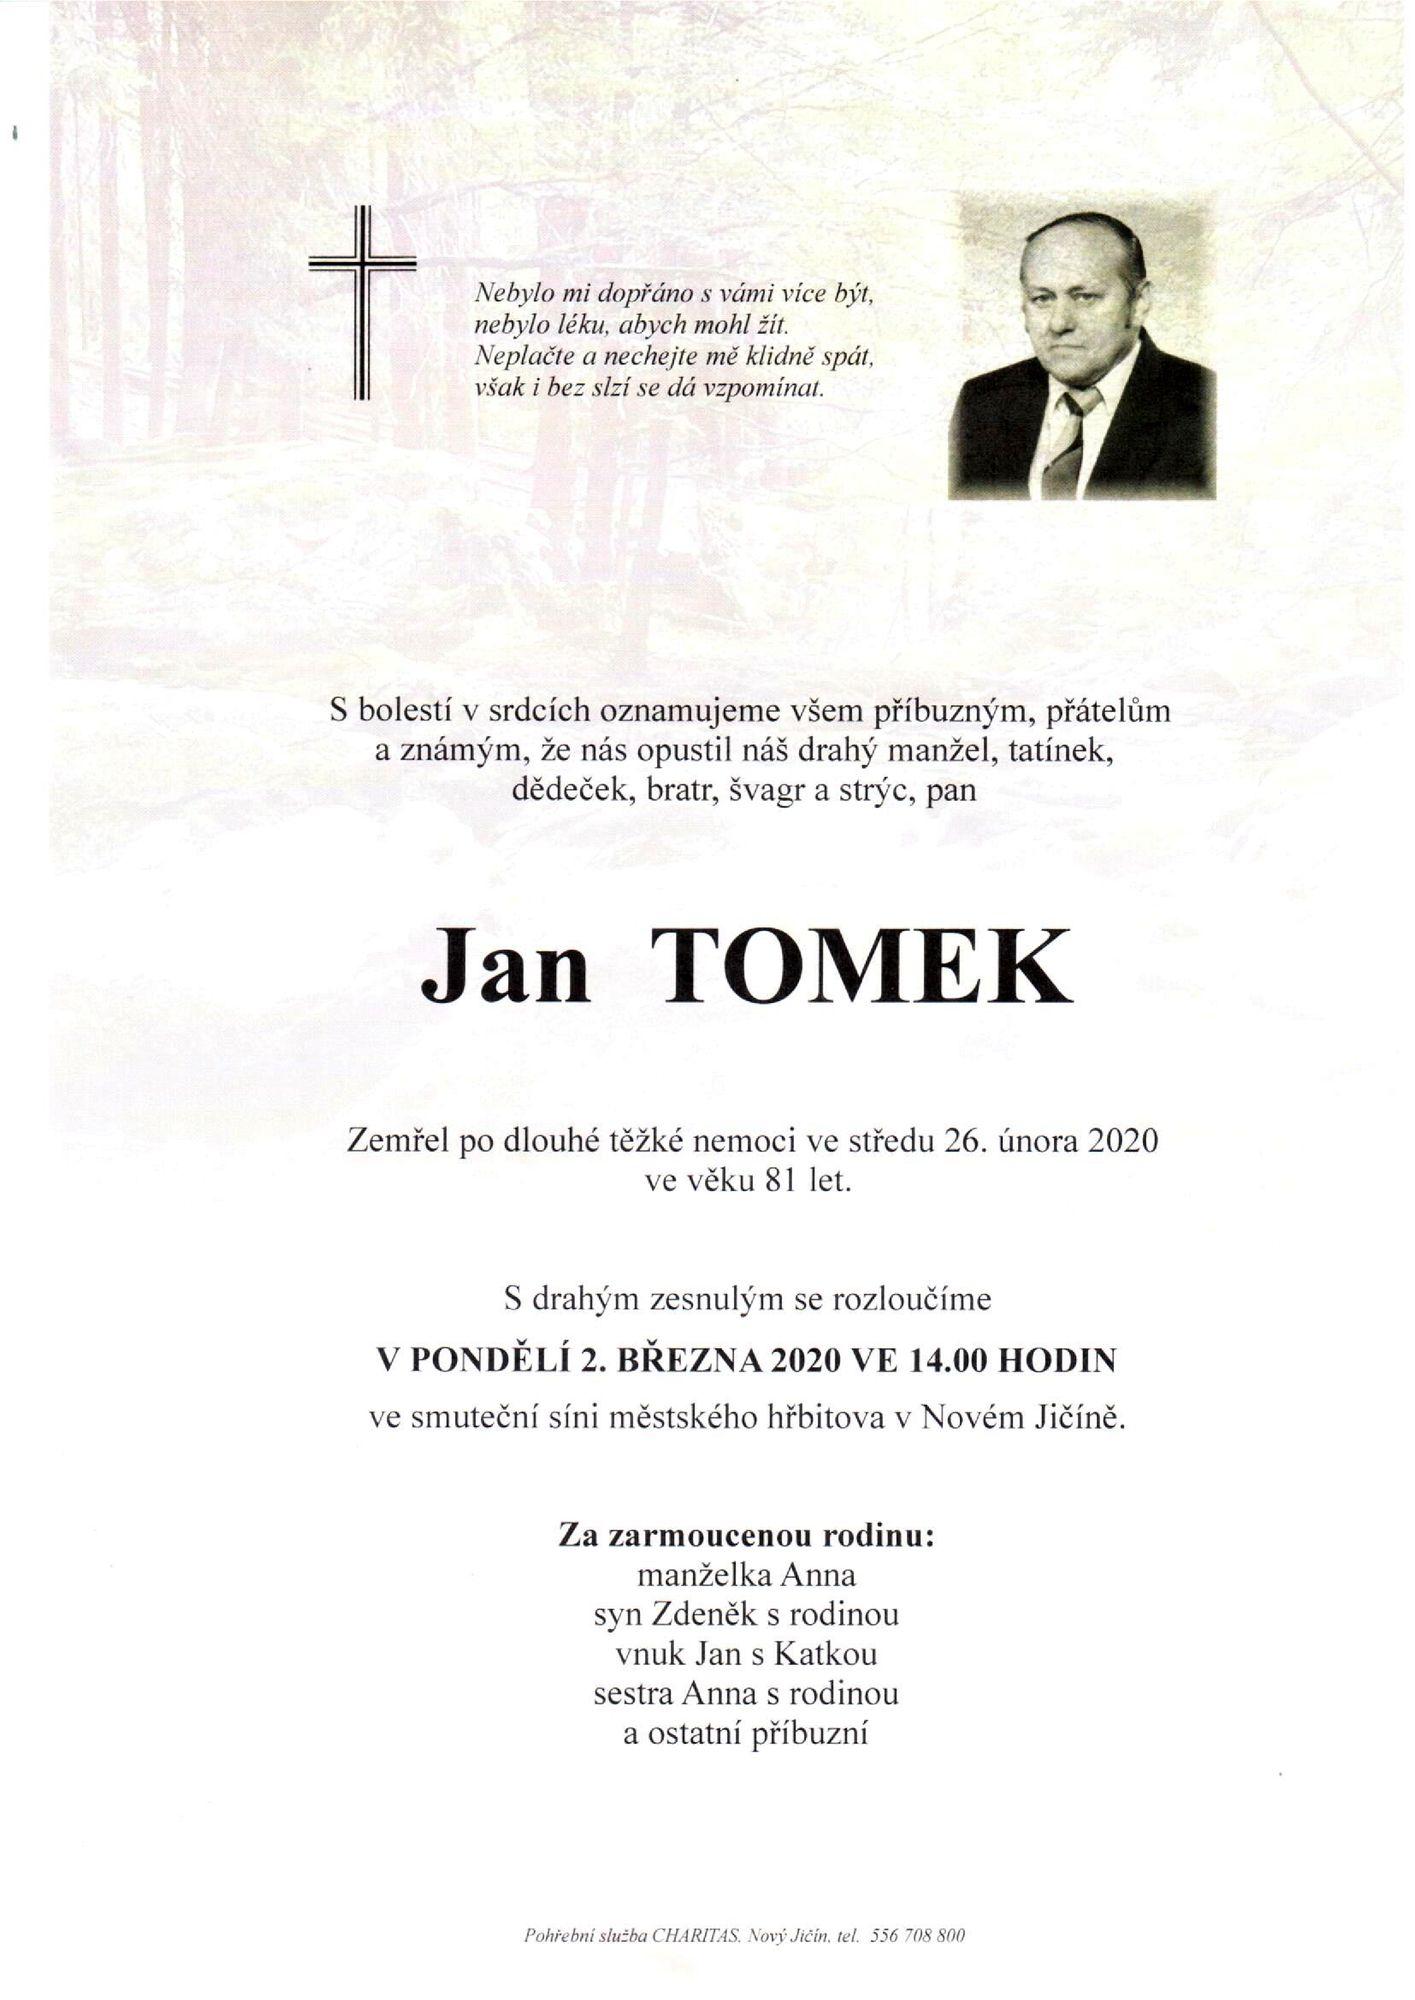 Jan Tomek